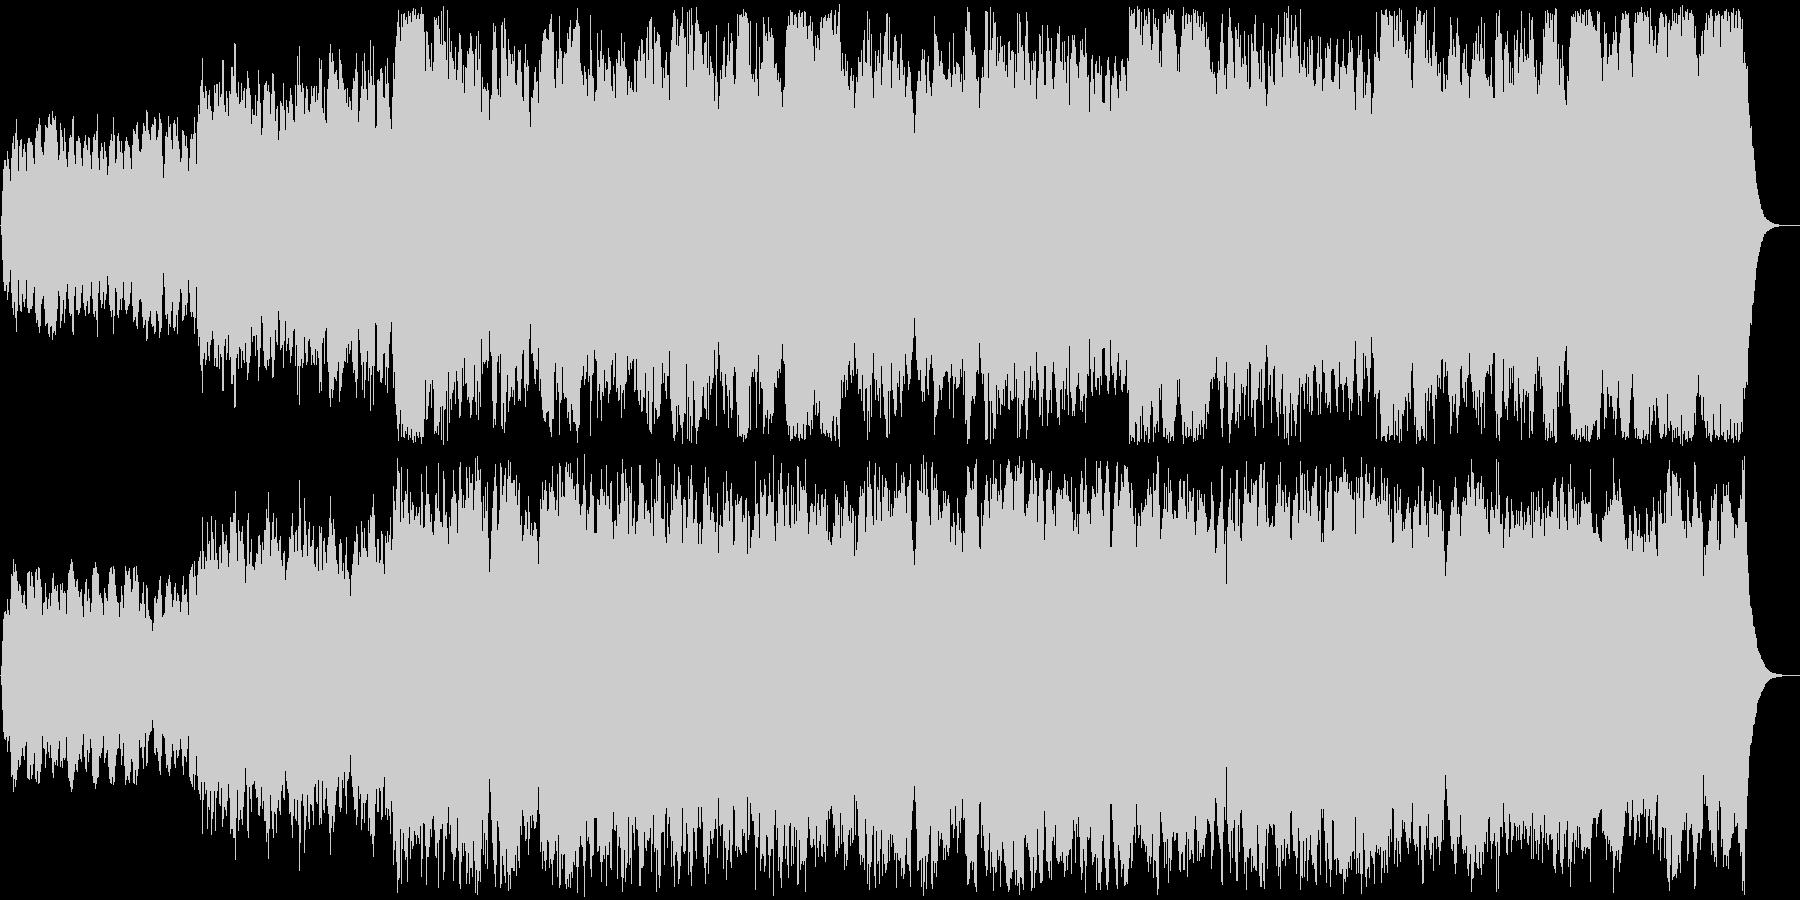 パイプオルガン前奏曲オリジナルです。の未再生の波形